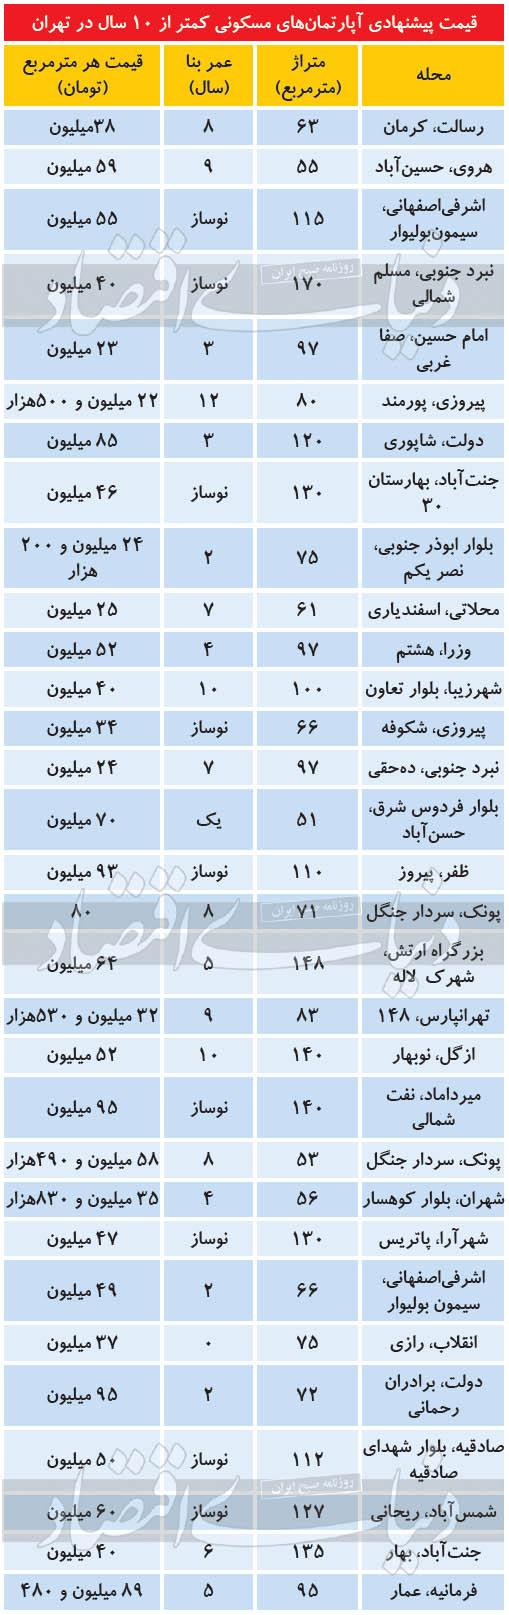 قیمت-خانه-۱۲اردیبهشت